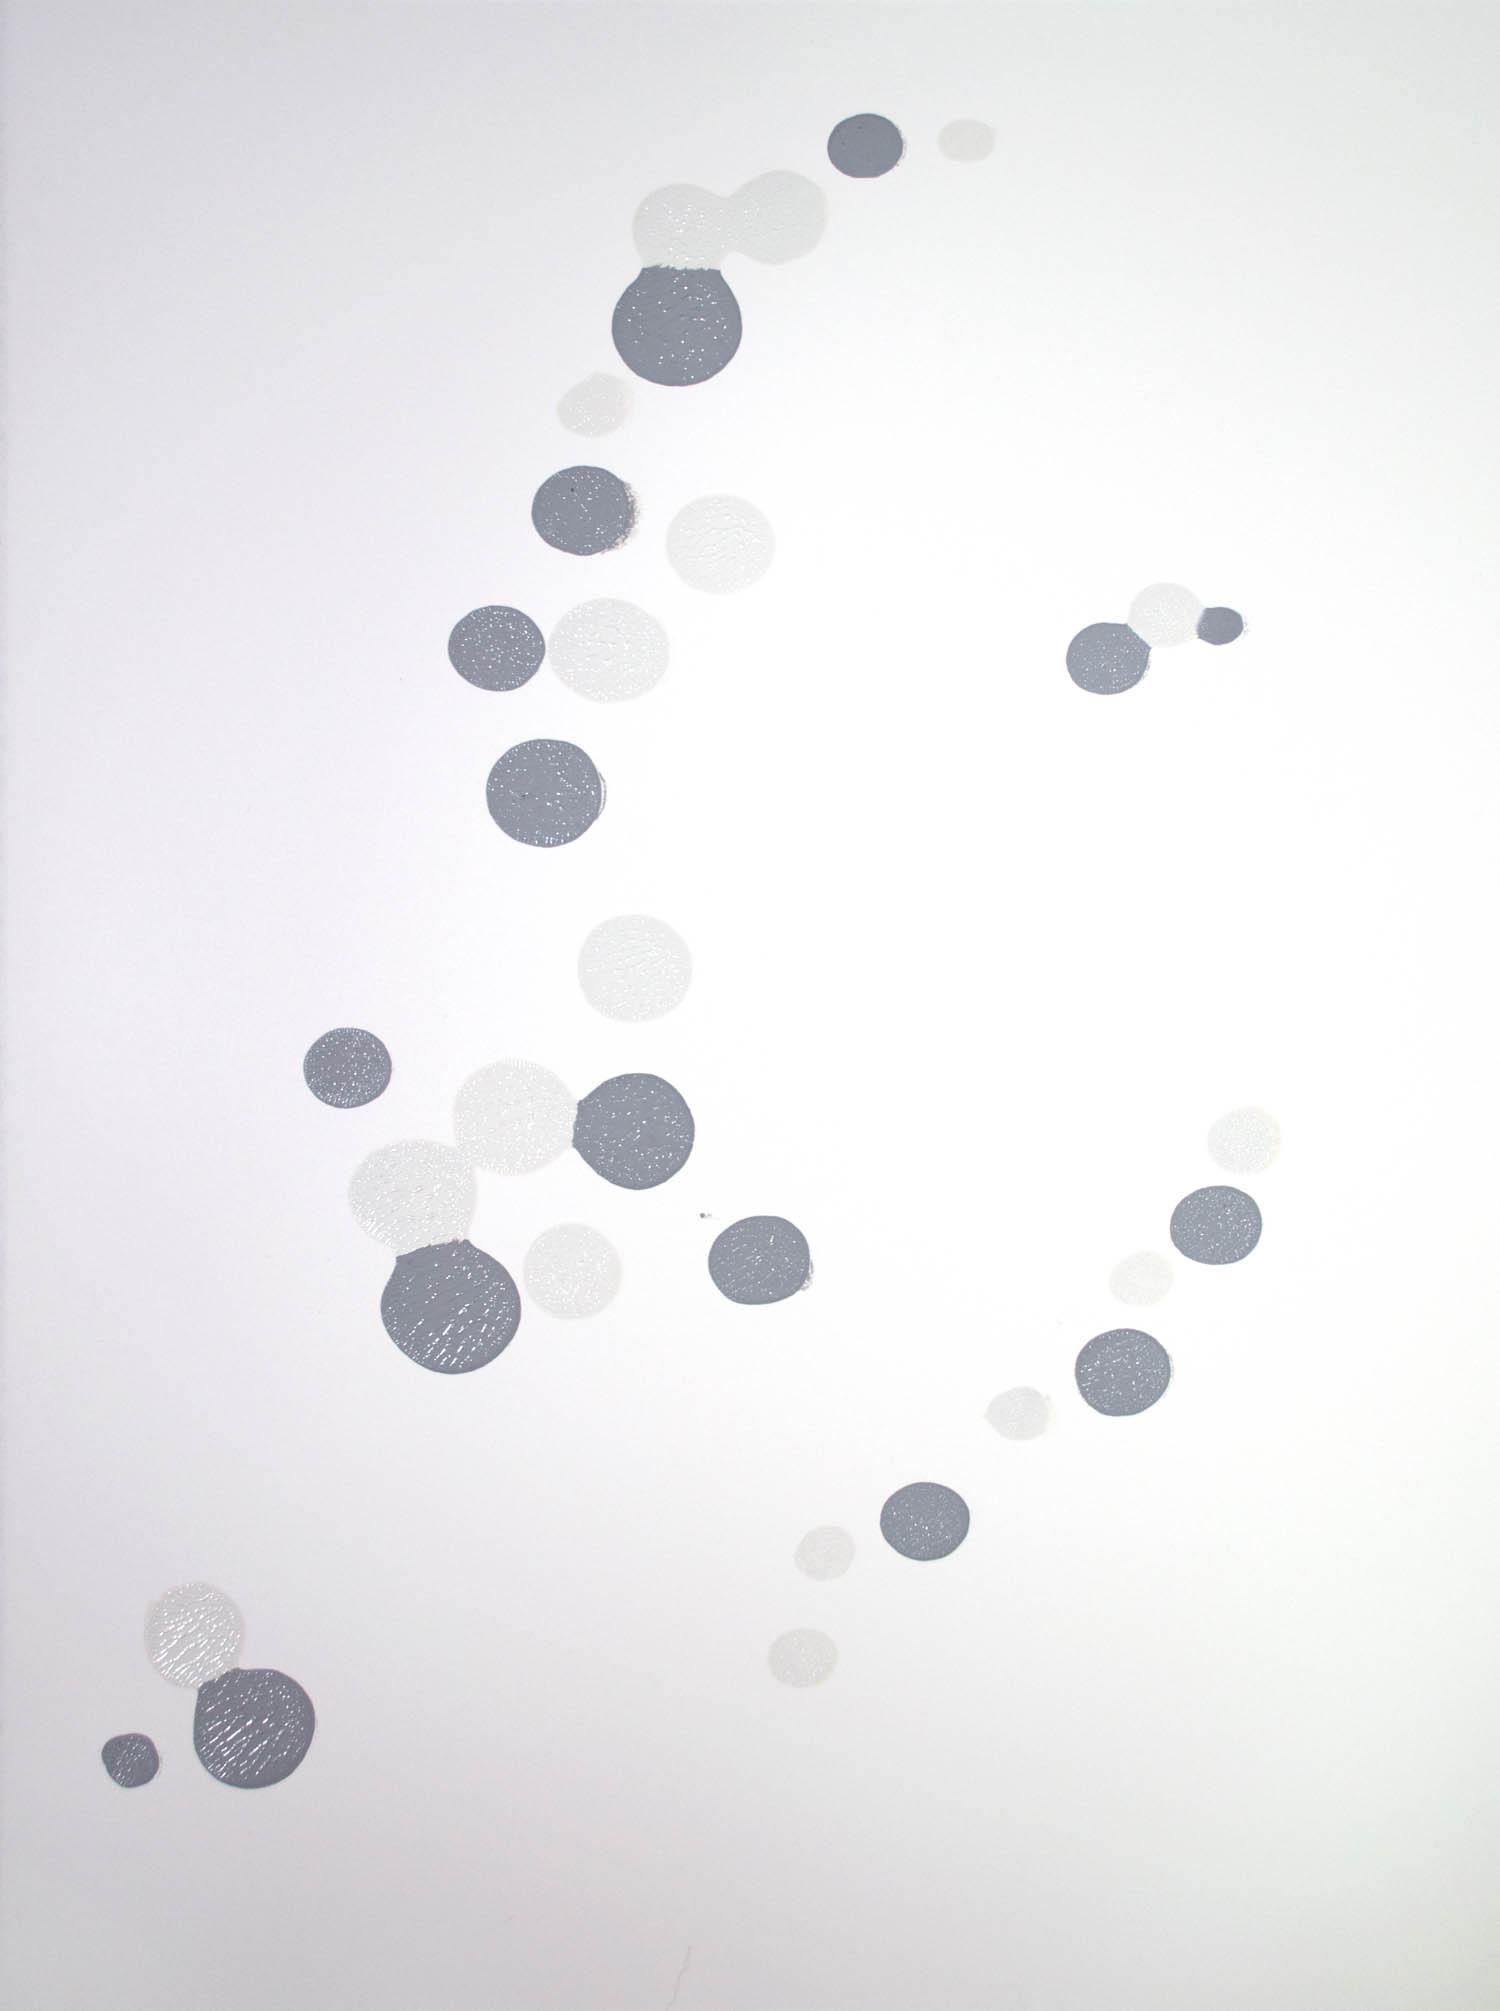 Variation 19